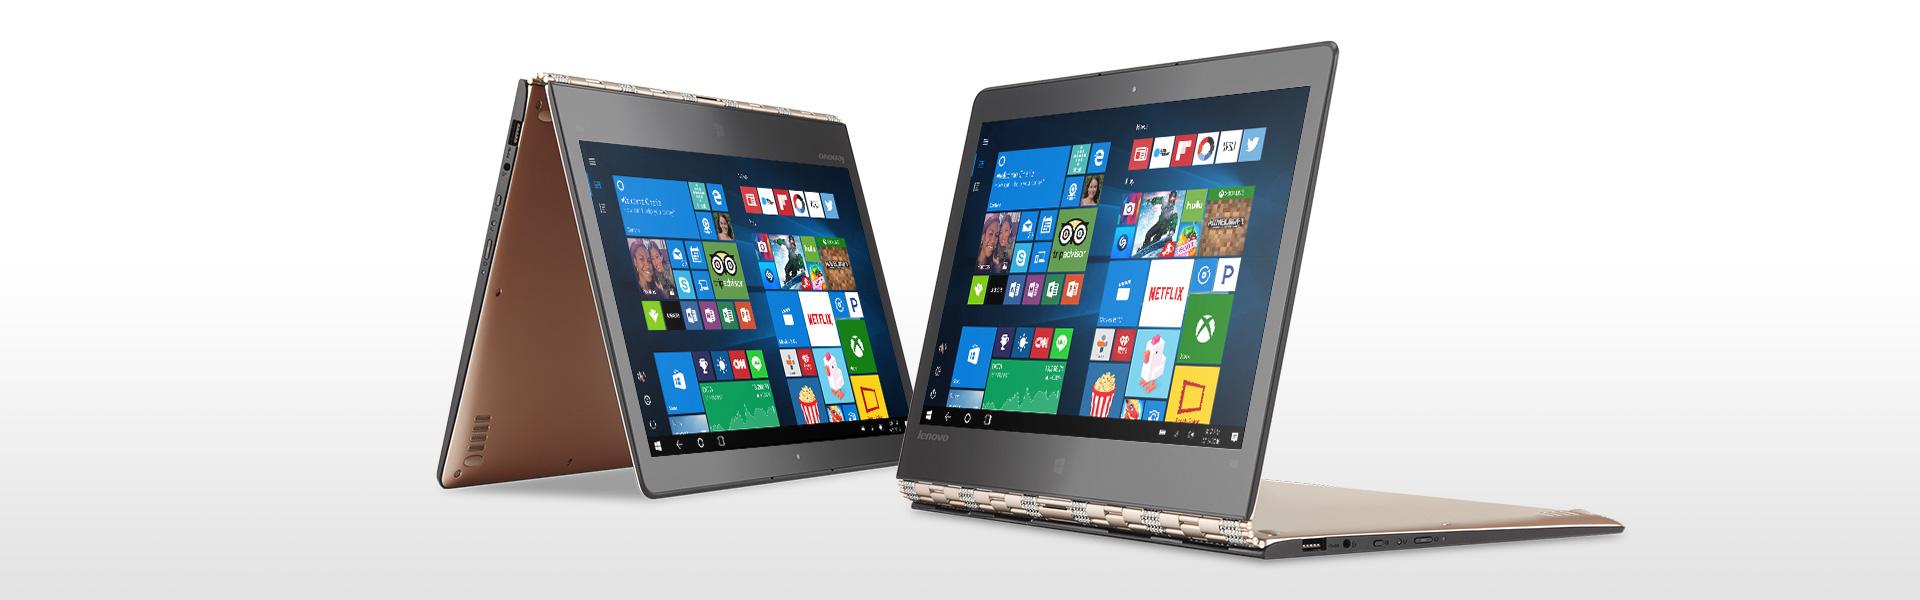 Lenovo Yoga 900 złożony jak namiot i w trybie podstawki